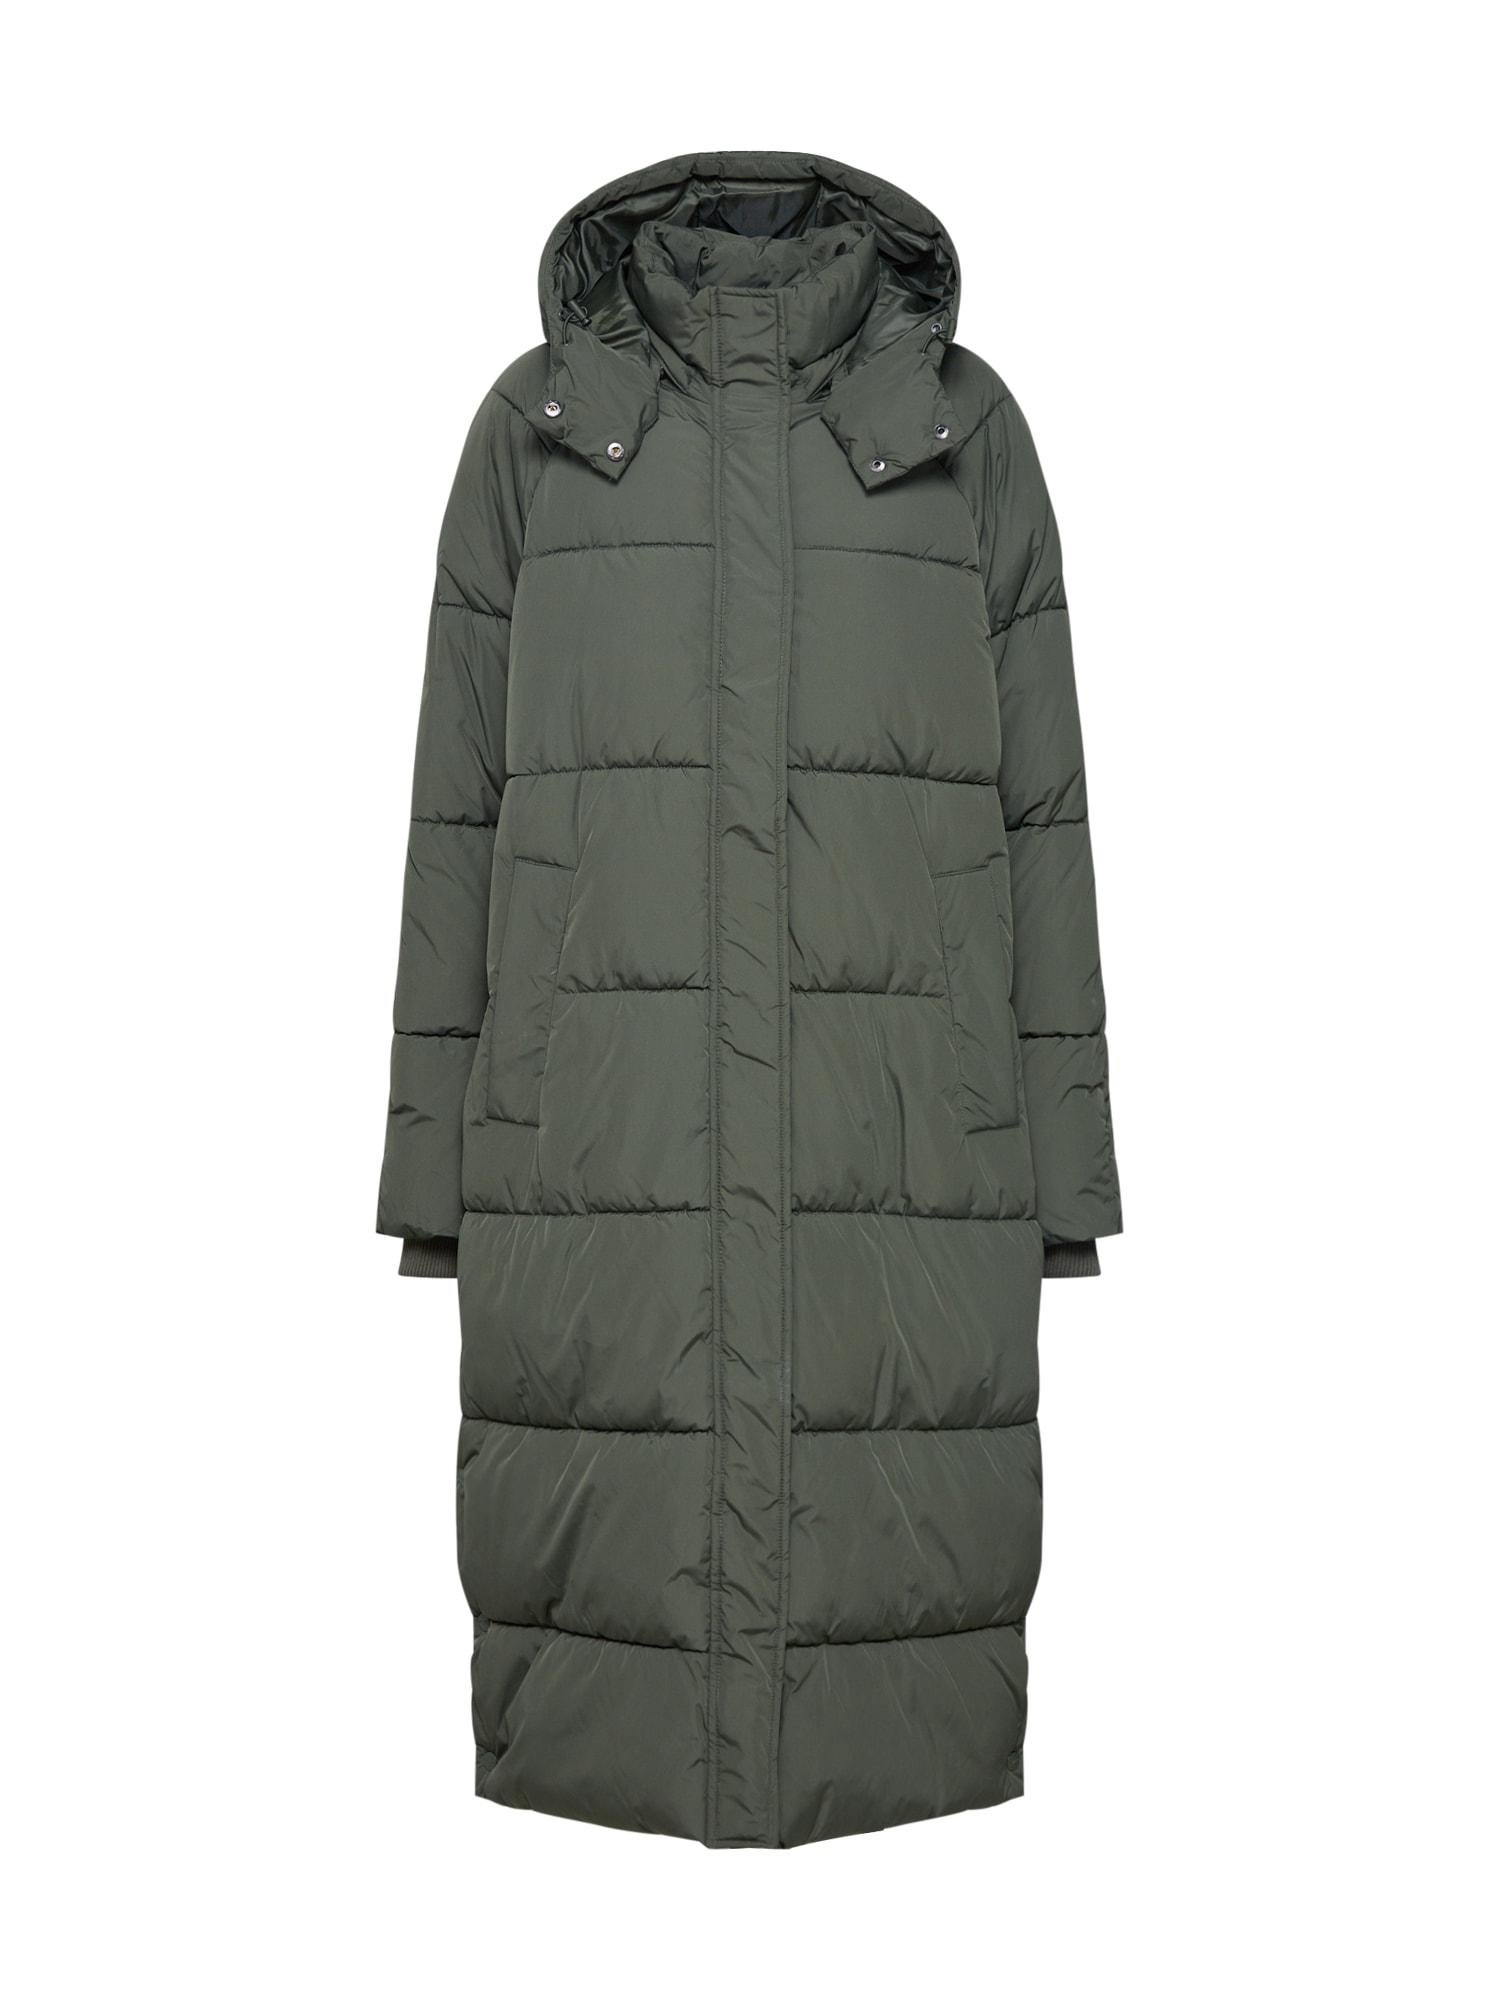 mbym Žieminis paltas 'Ela Slit' rusvai žalia